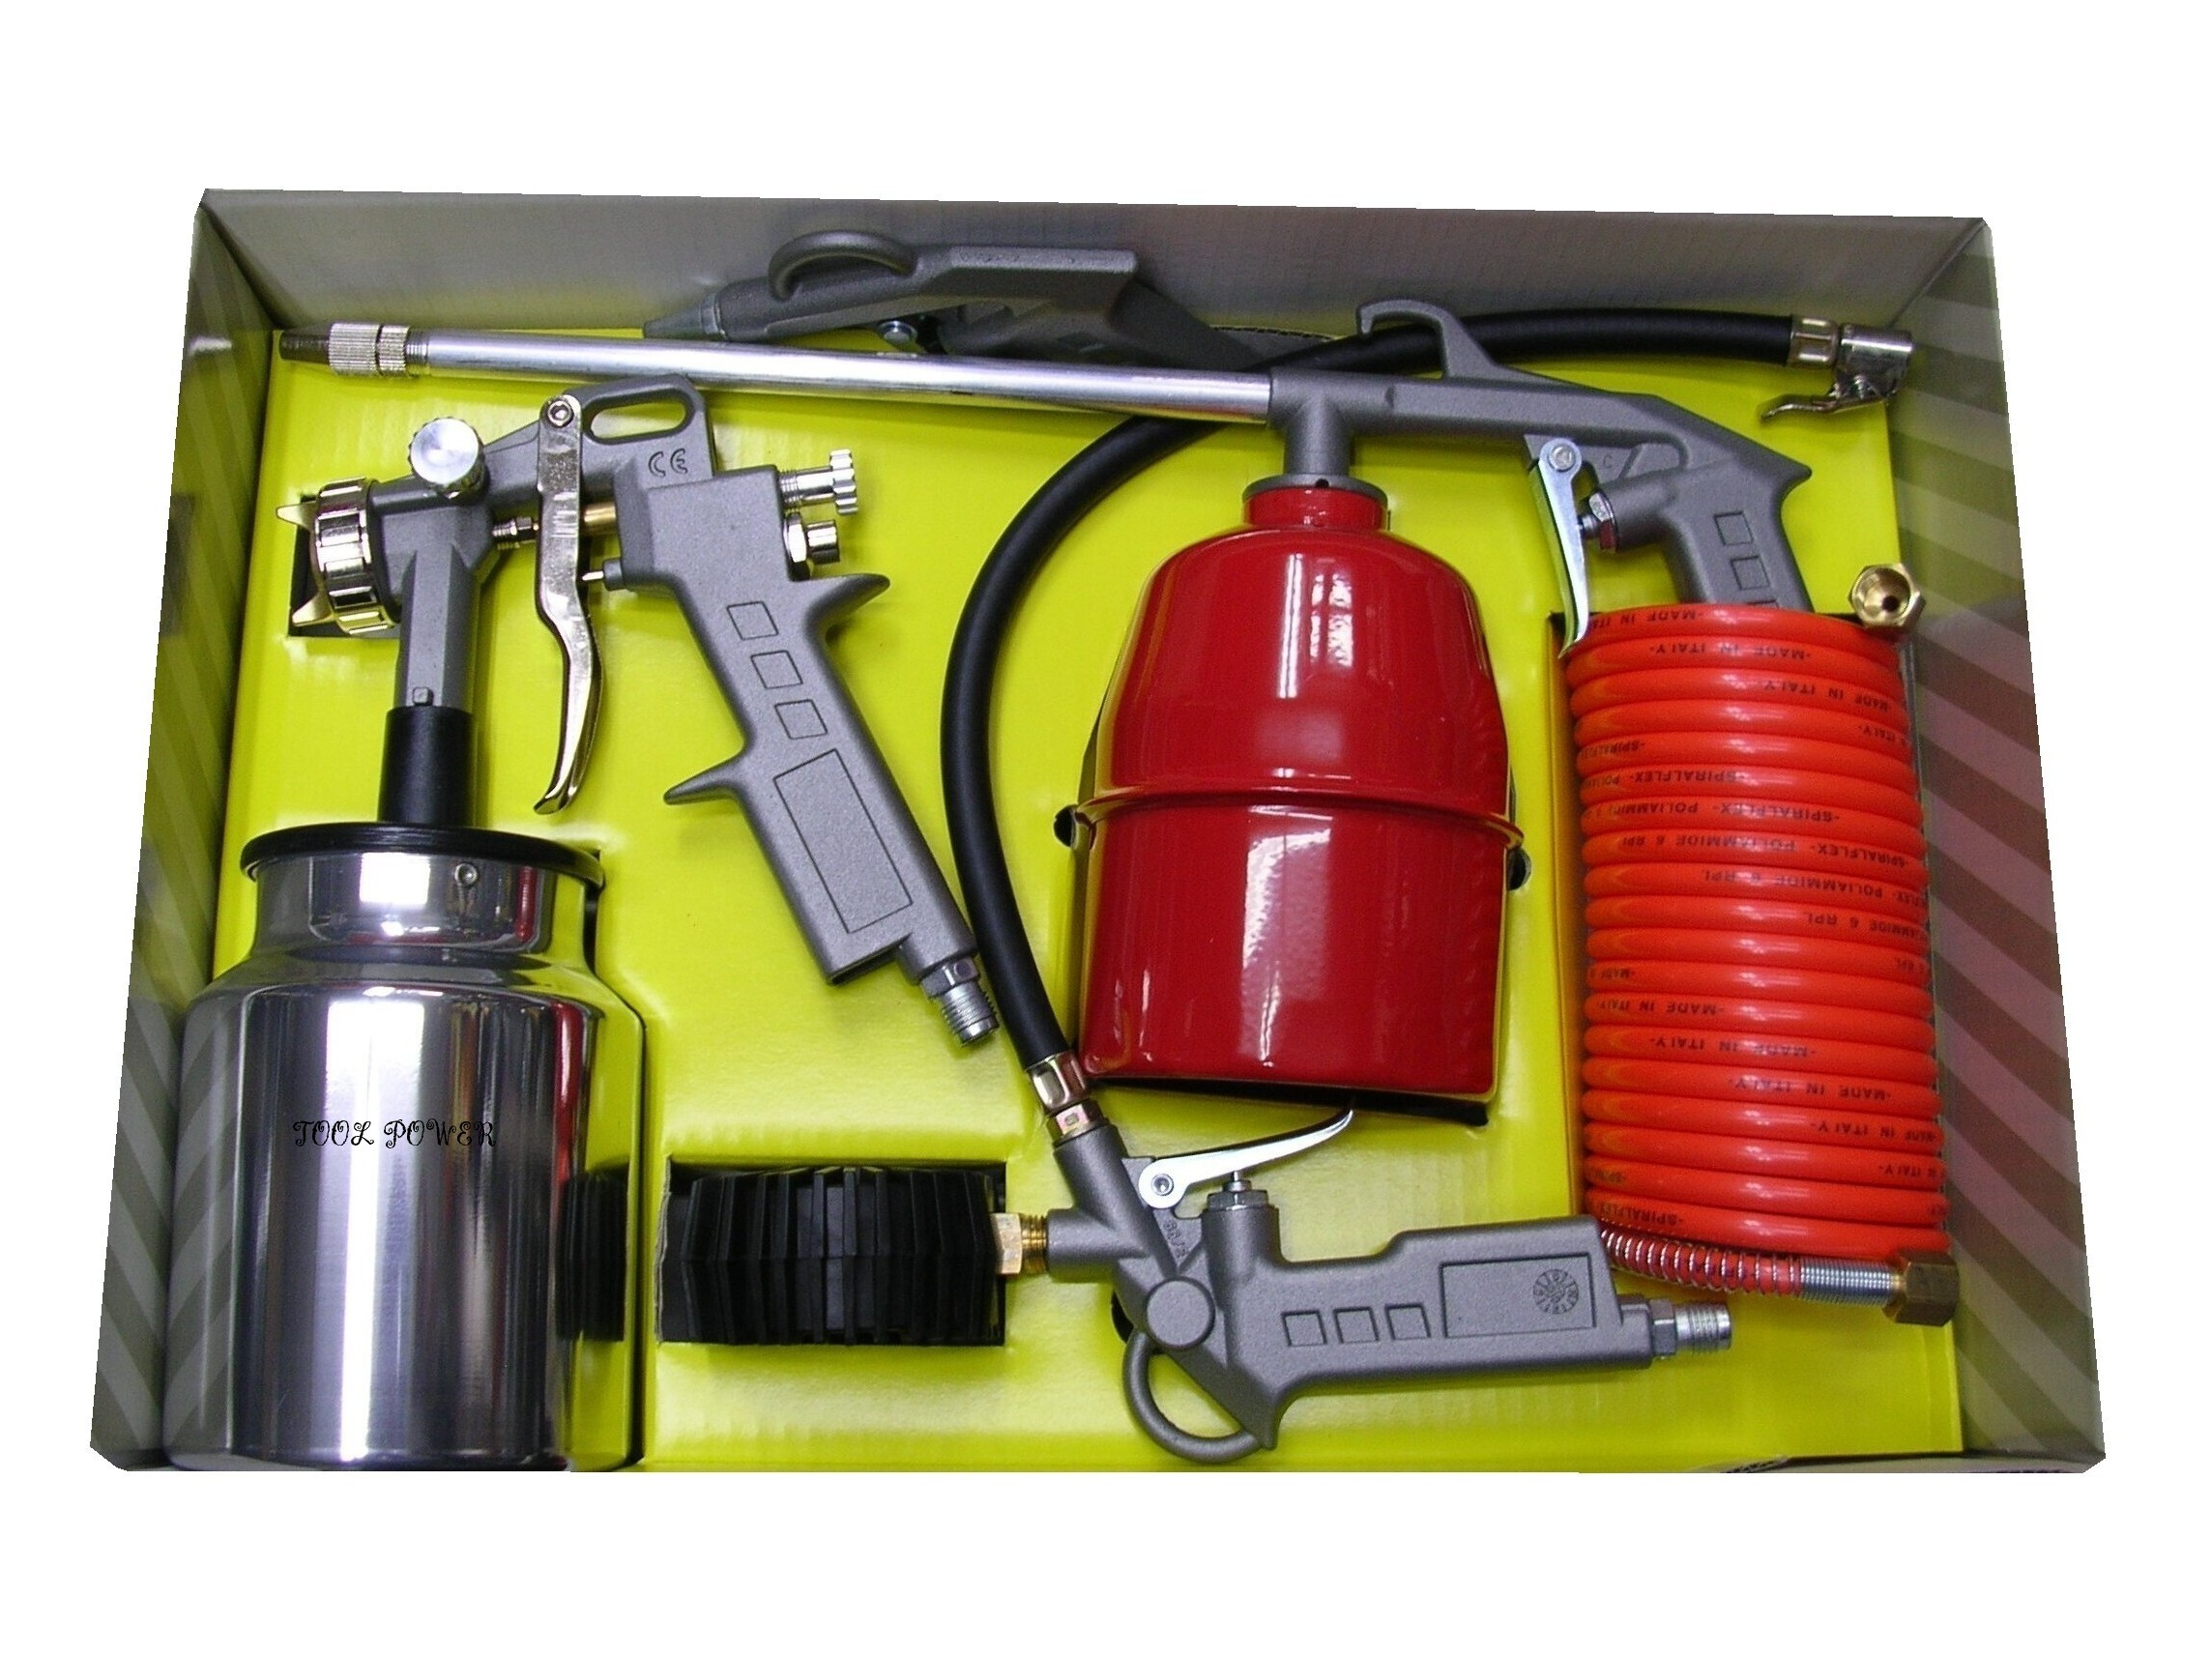 AIRMATE 5-pce KIT Spray, BLOW&kero GUNS + Inflator-854